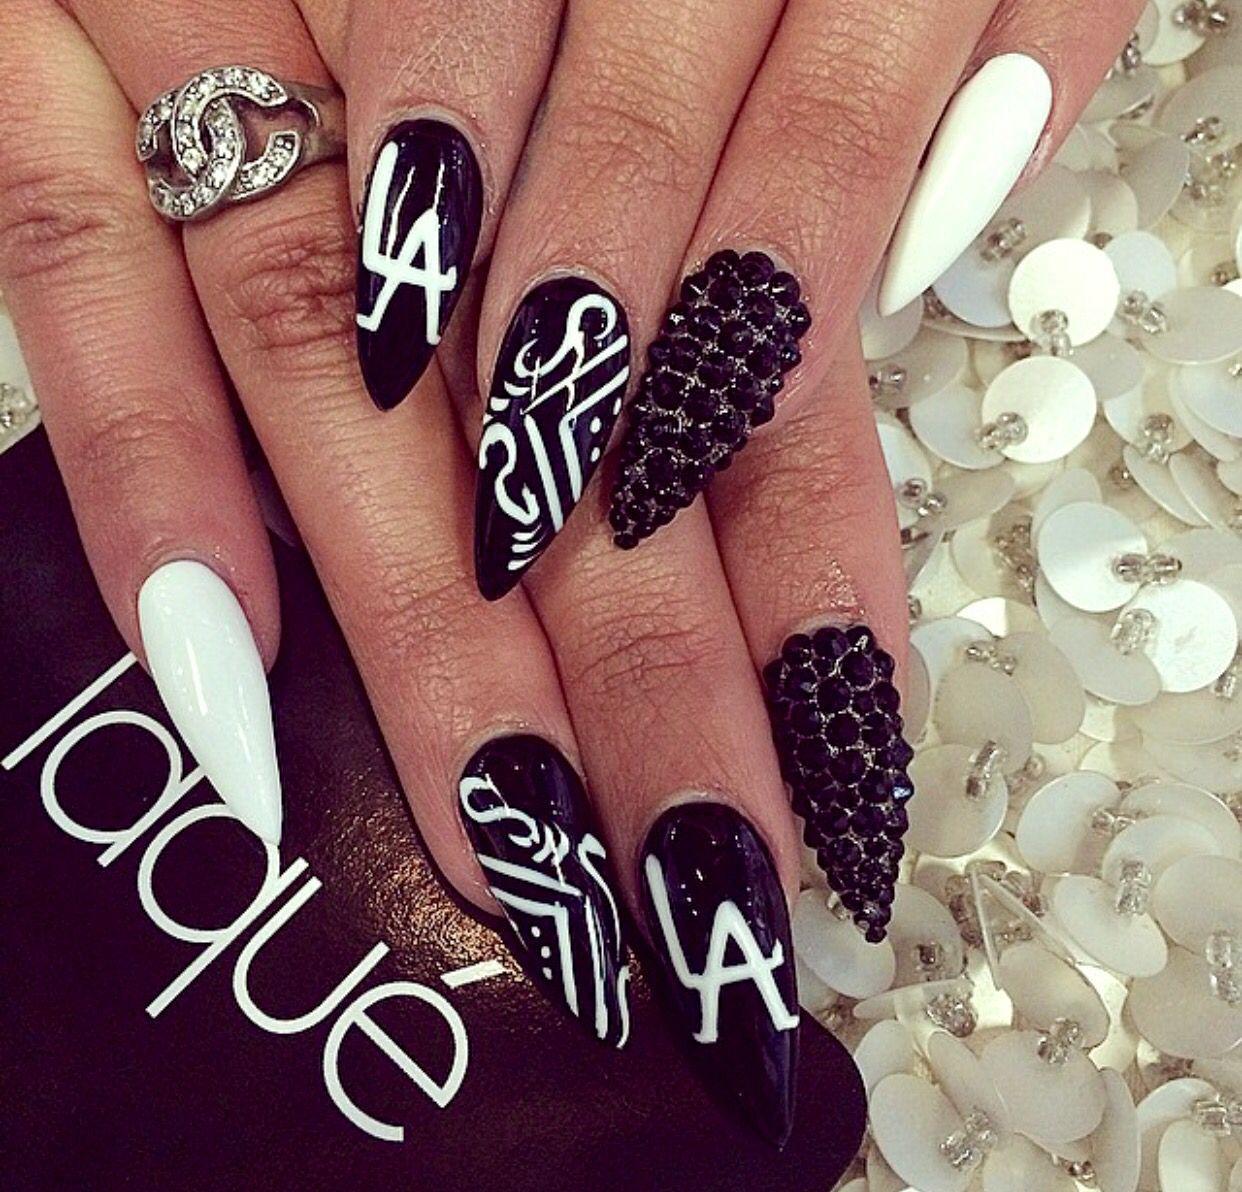 Pin by Michelle DH on Nails yayah! | Nails, My nails, Nail art